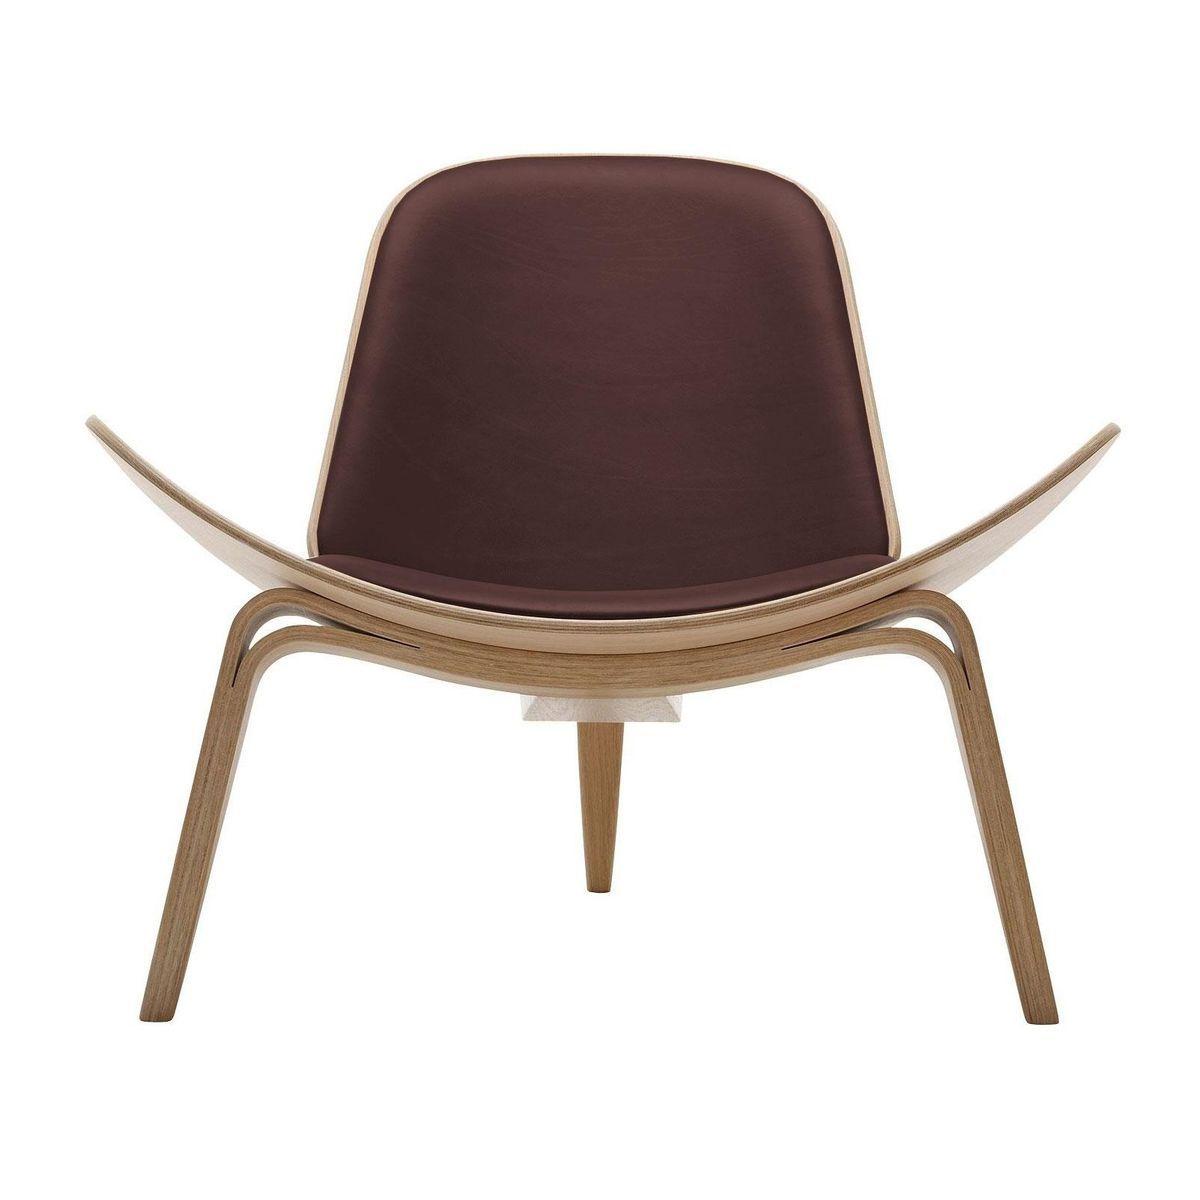 Carl Hansen Chairs carl hansen ch07 shell chair lounge chair | carl hansen